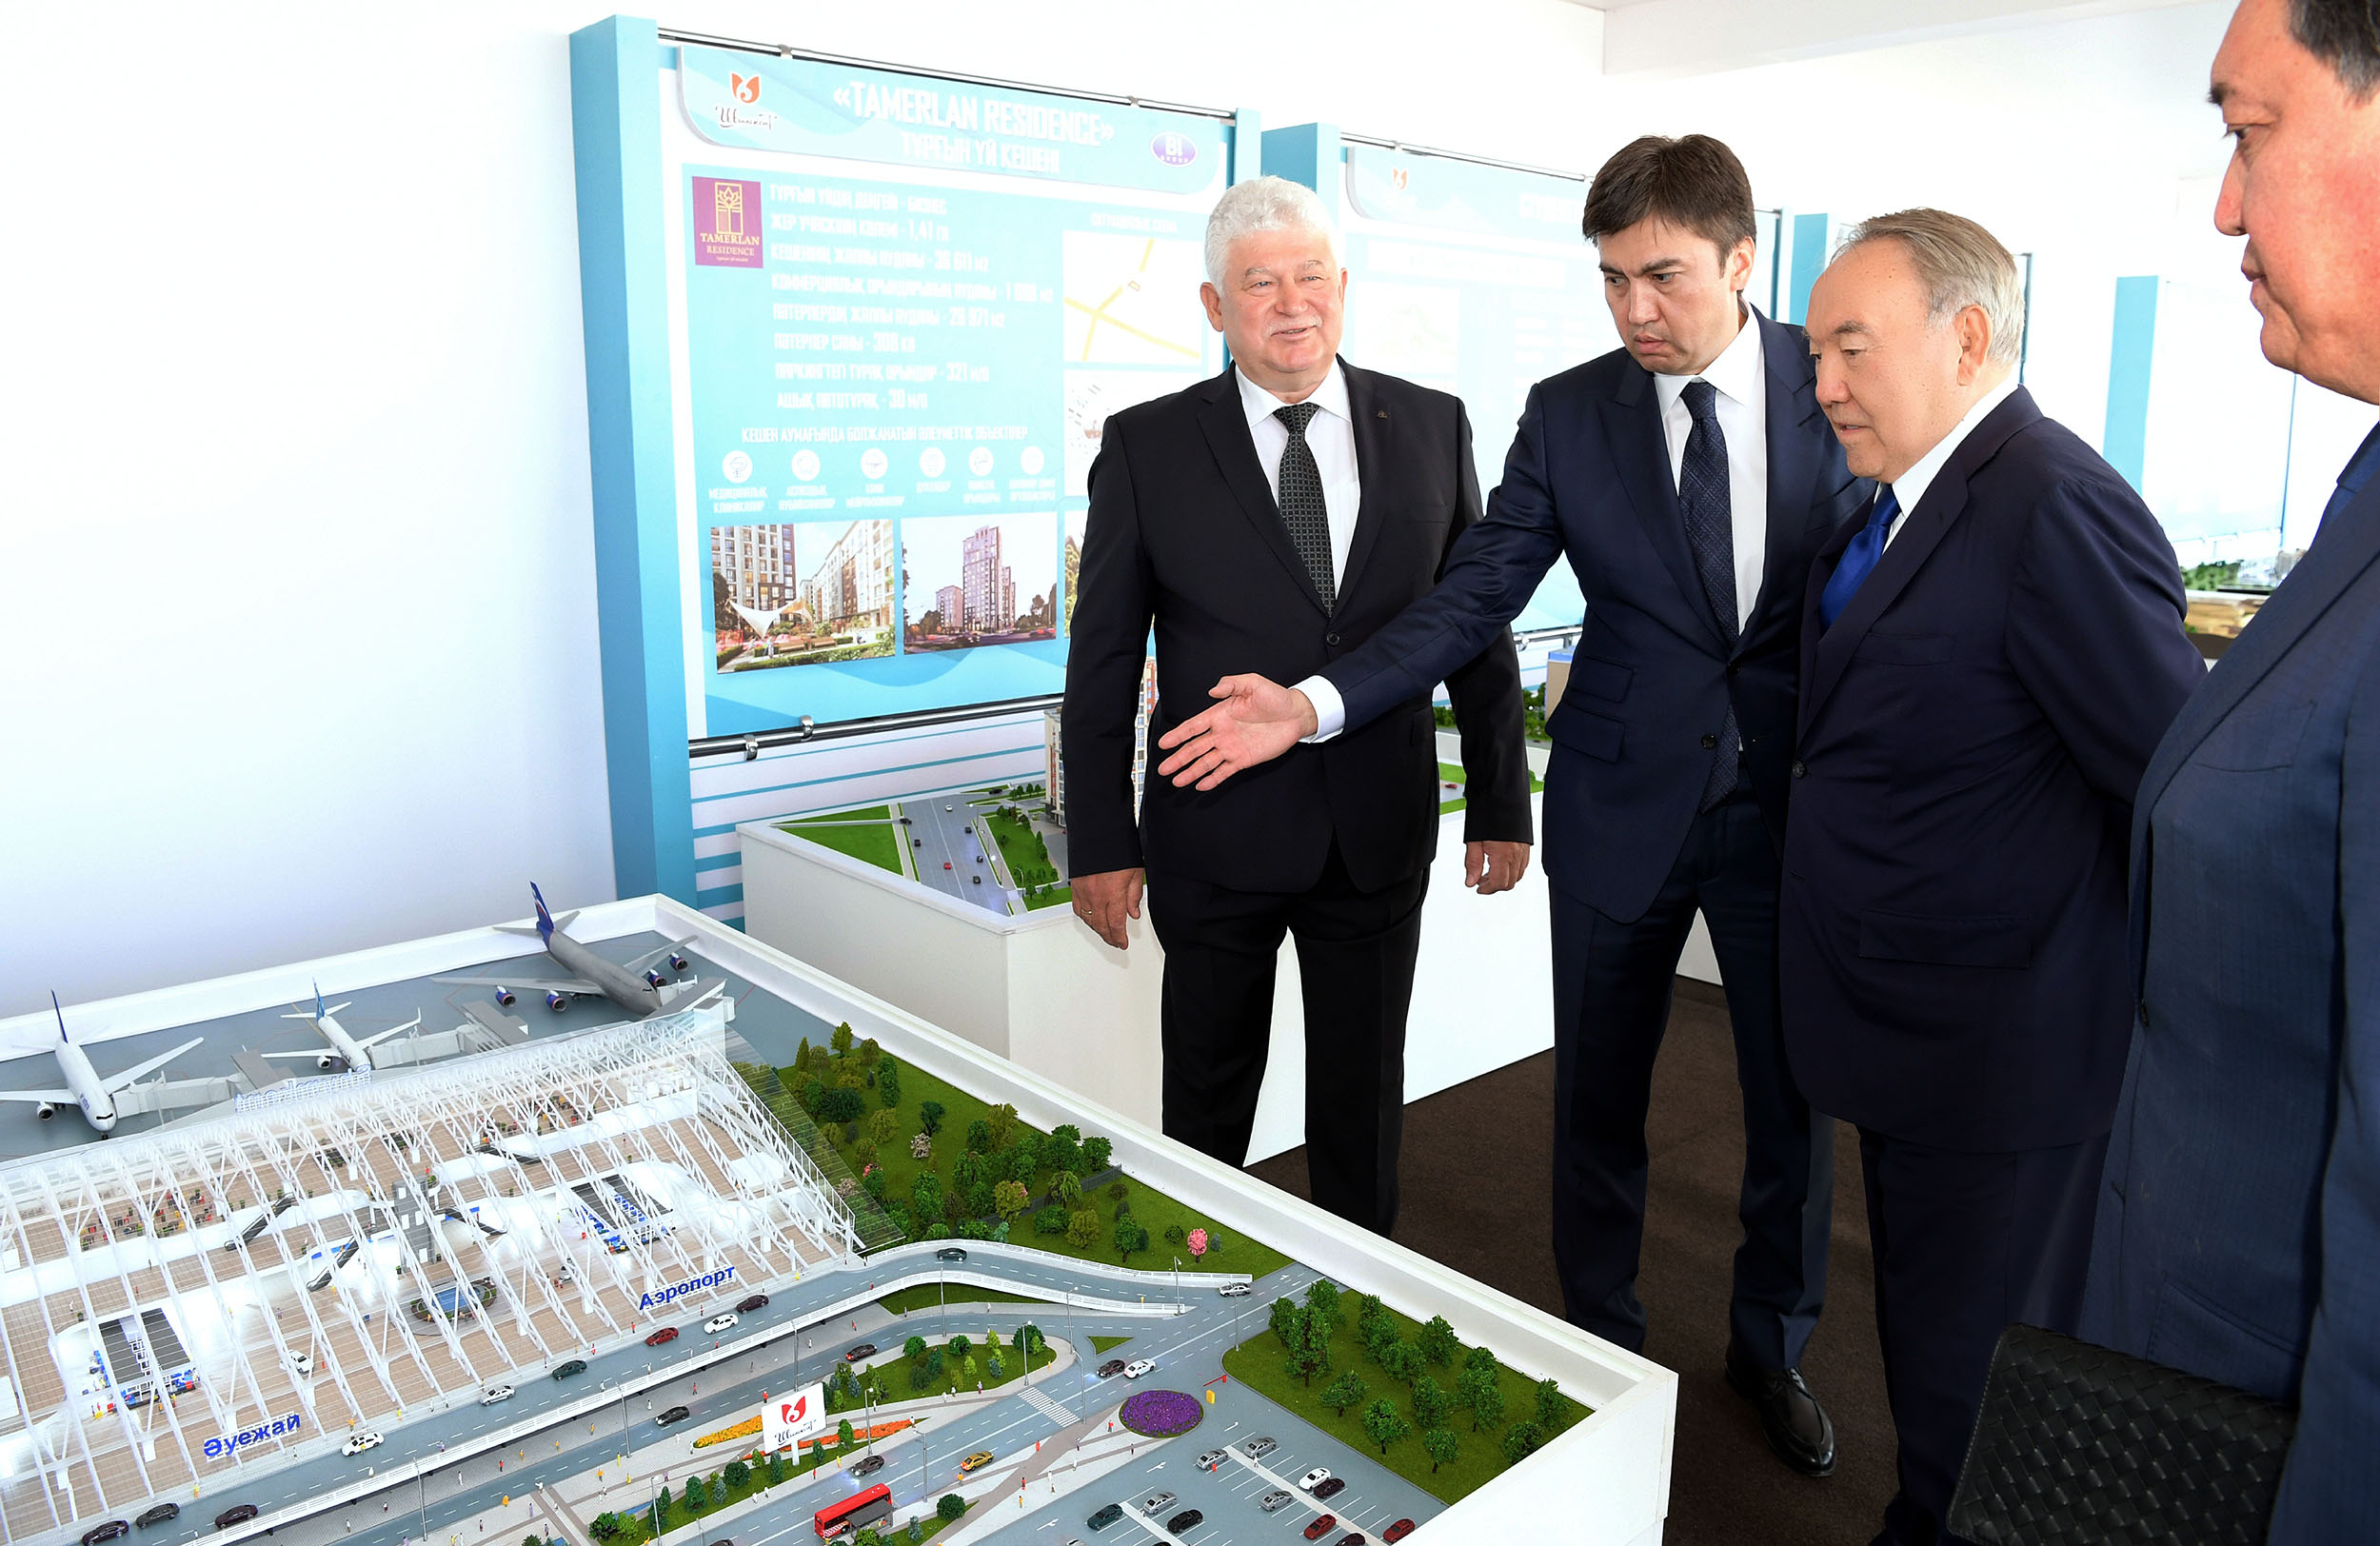 Нұрсұлтан Назарбаевқа Шымкентті одан әрі дамыту жоспары таныстырылды